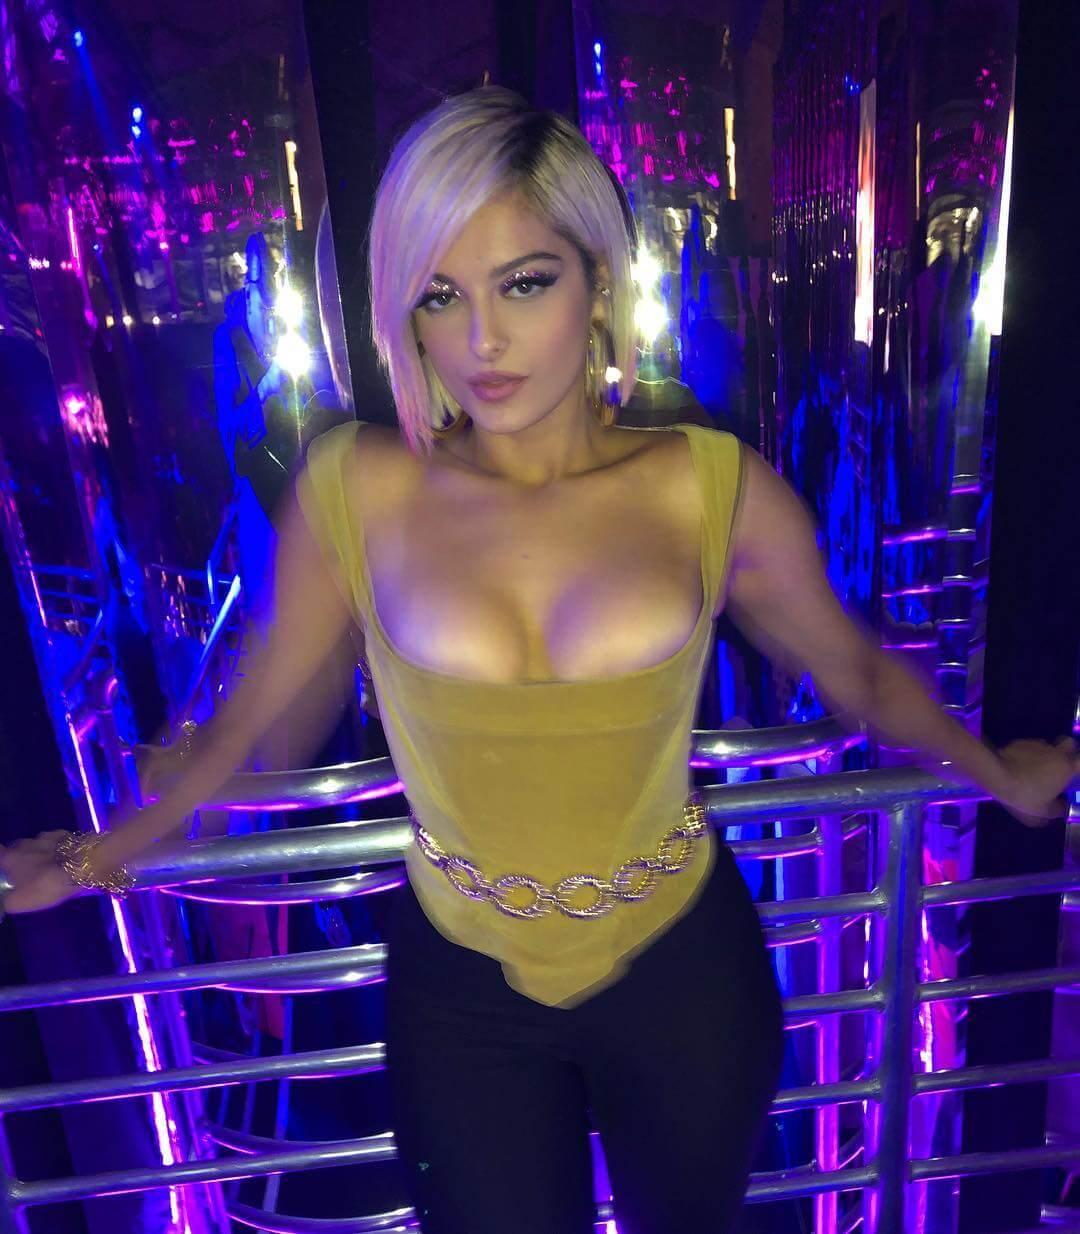 Bebe-Rexha-boobs-pictures-6